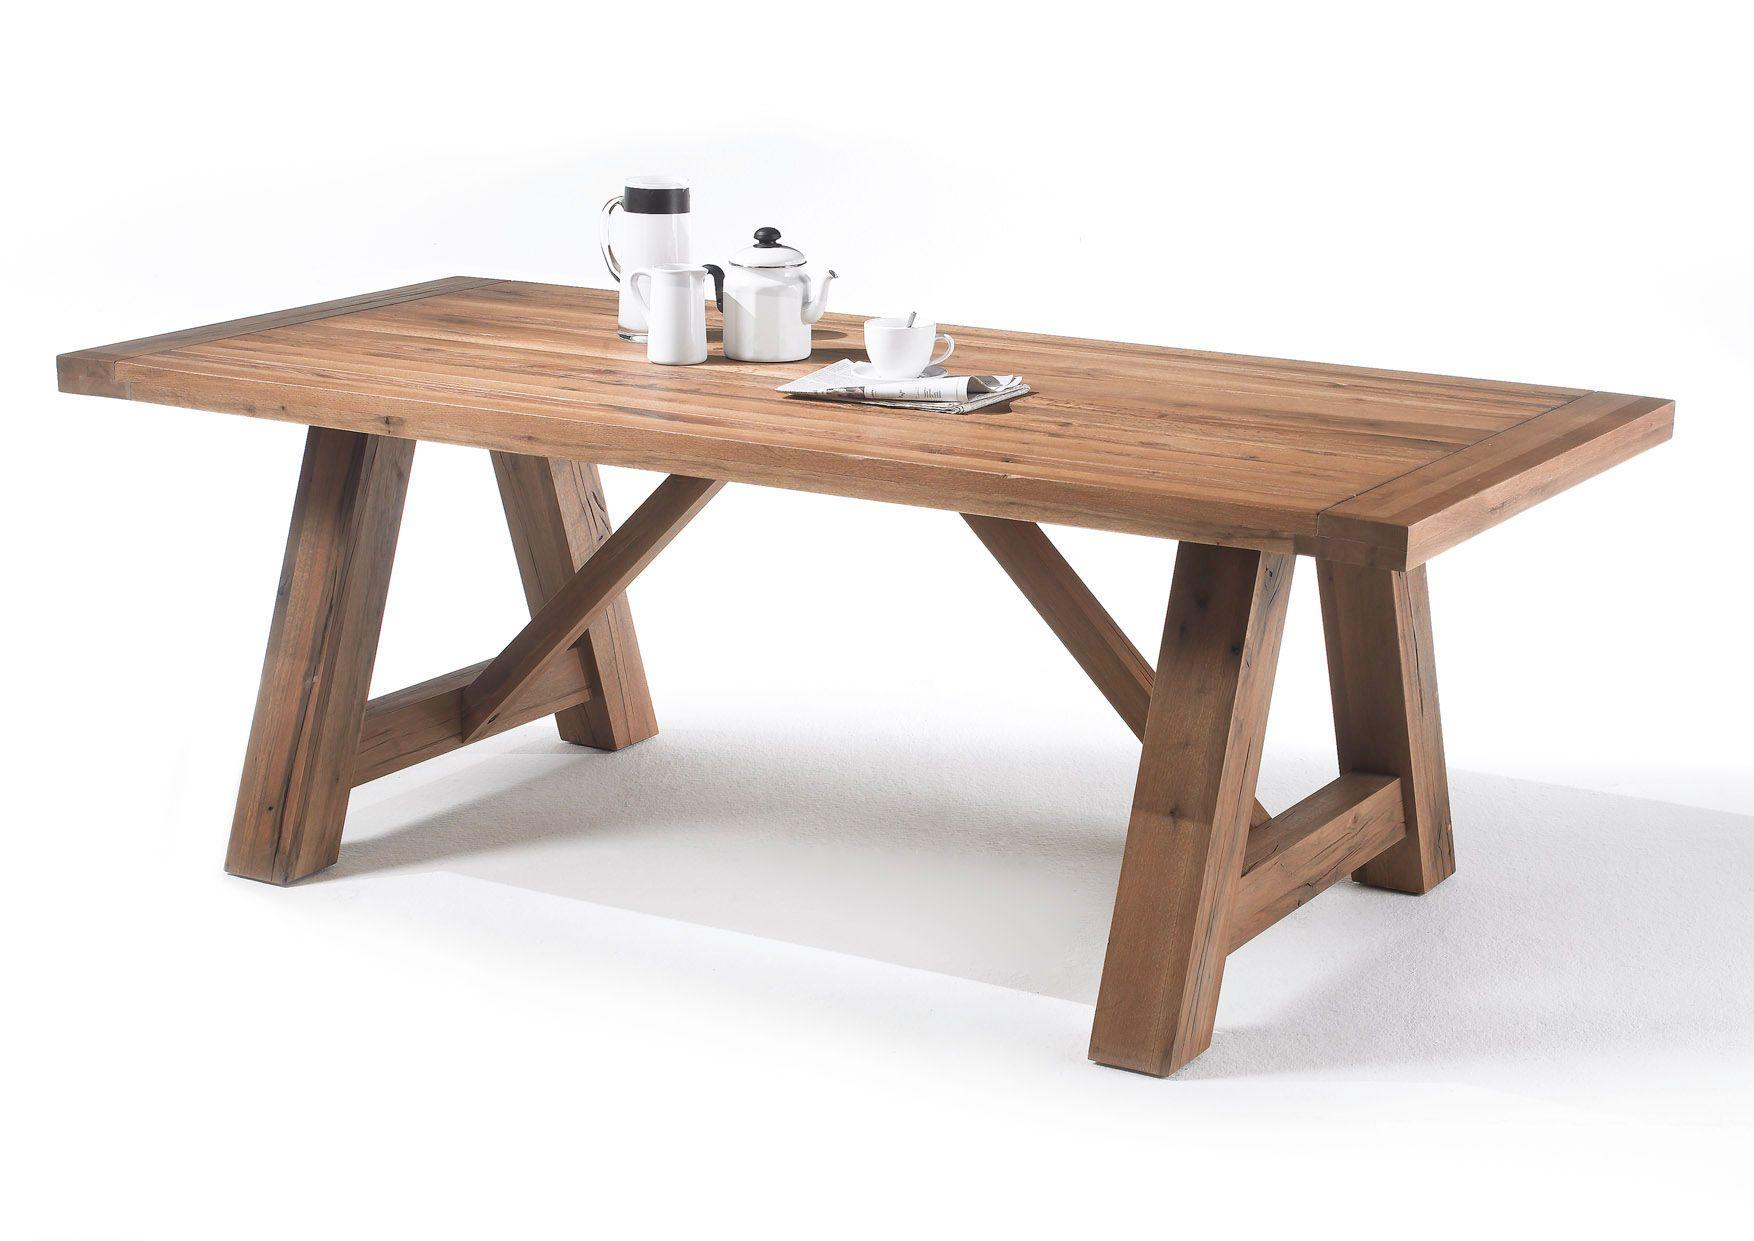 Schön Tisch Massiv Galerie Von Esstisch Eiche Bassano Briano1